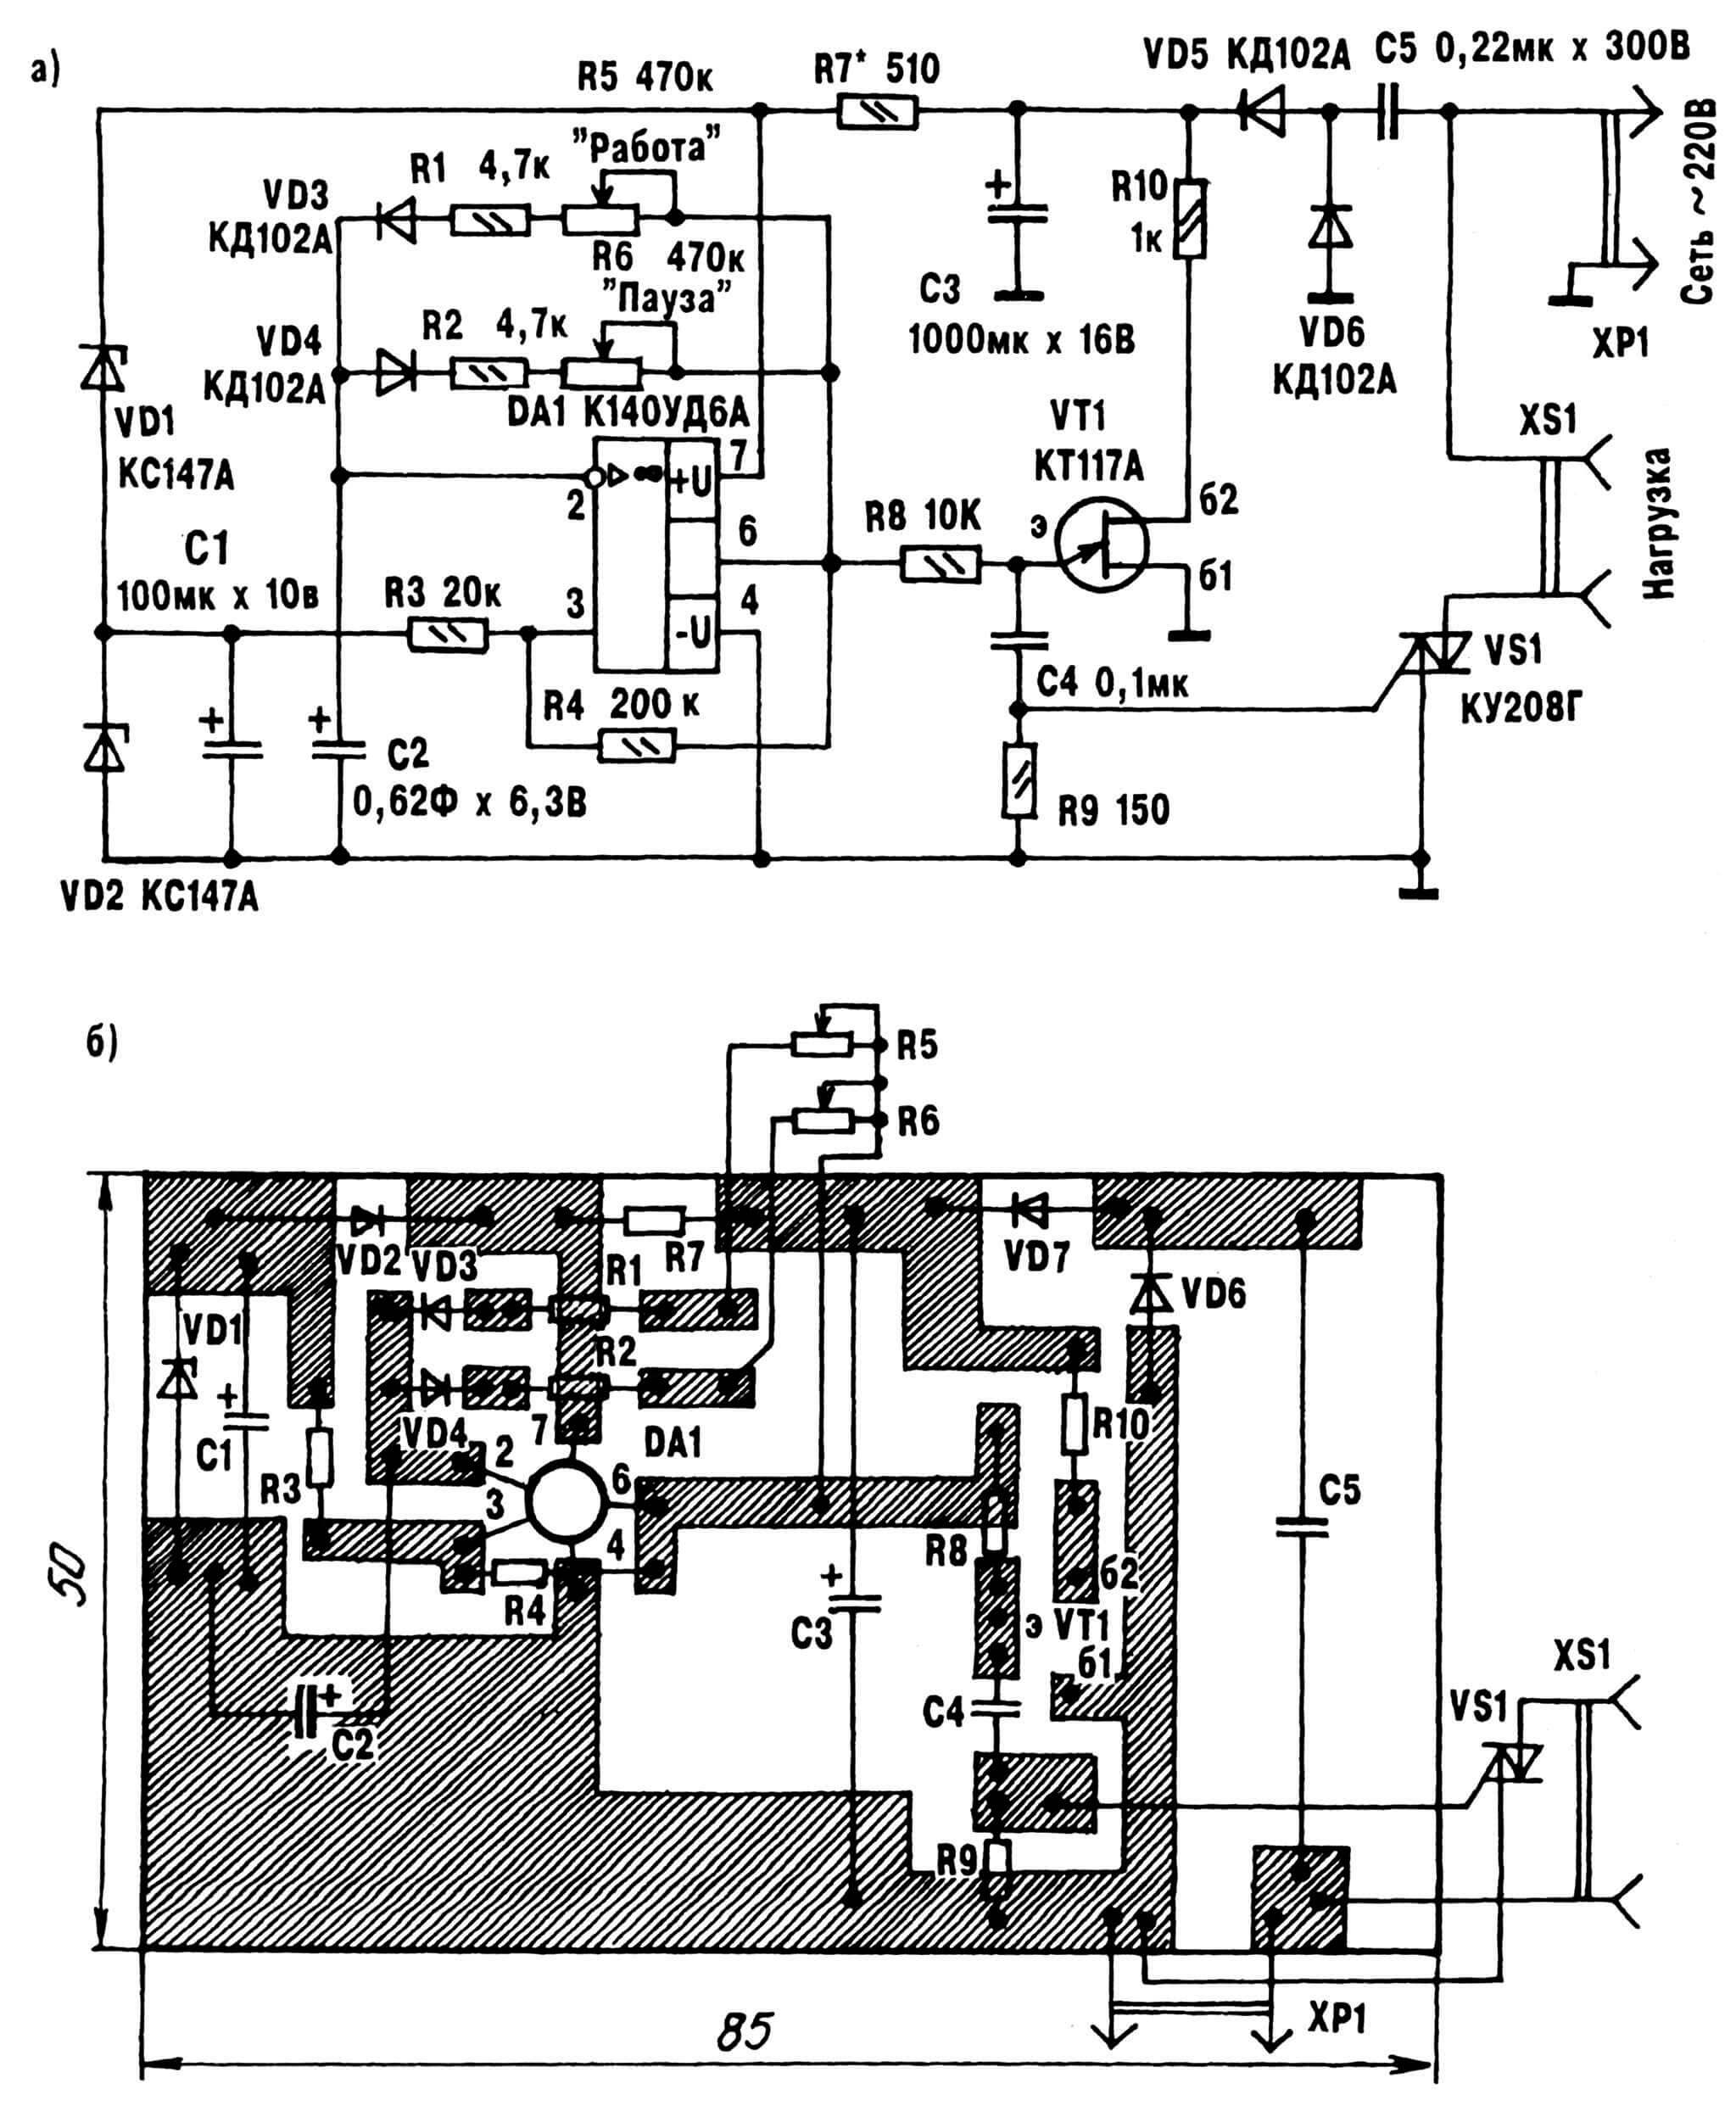 Принципиальная электрическая схема (а) и печатная плата(б) устройства.